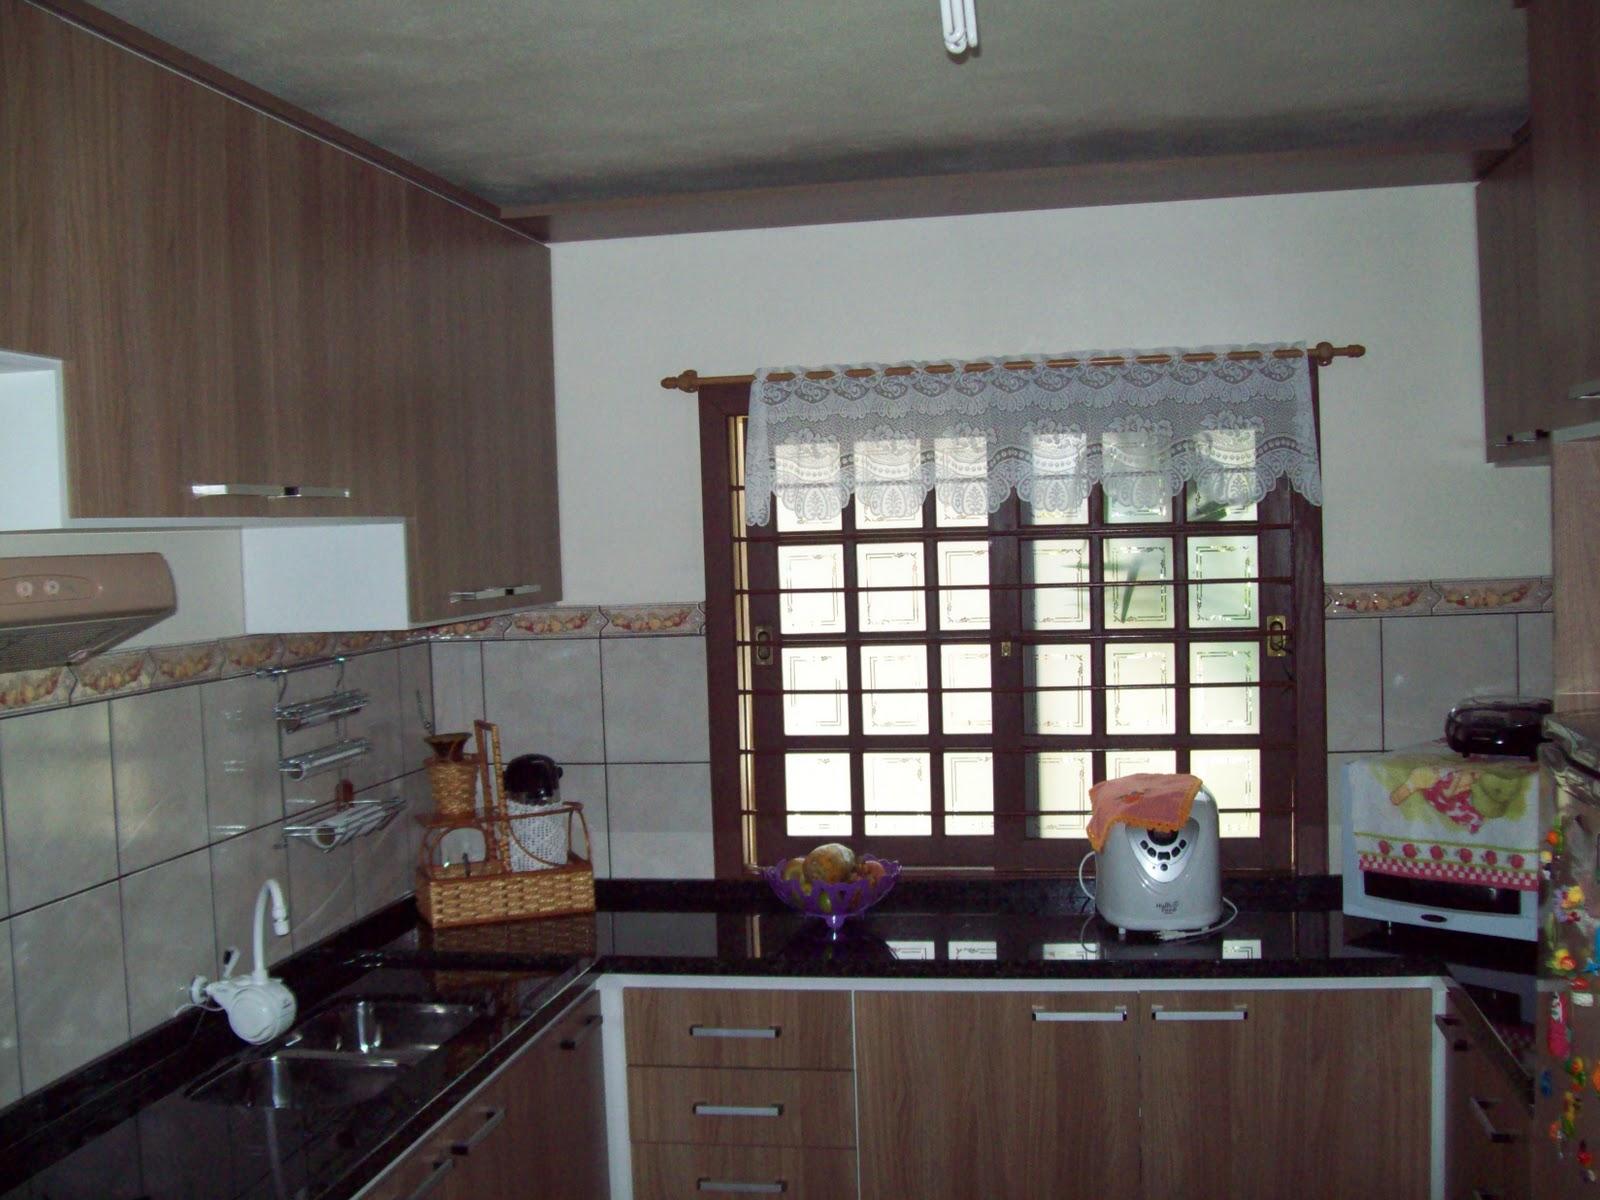 #5D4A42 MG Móveis Sob Medida: COZINHA SOB MEDIDA 1916 Janela De Aluminio Sob Medida Rio De Janeiro